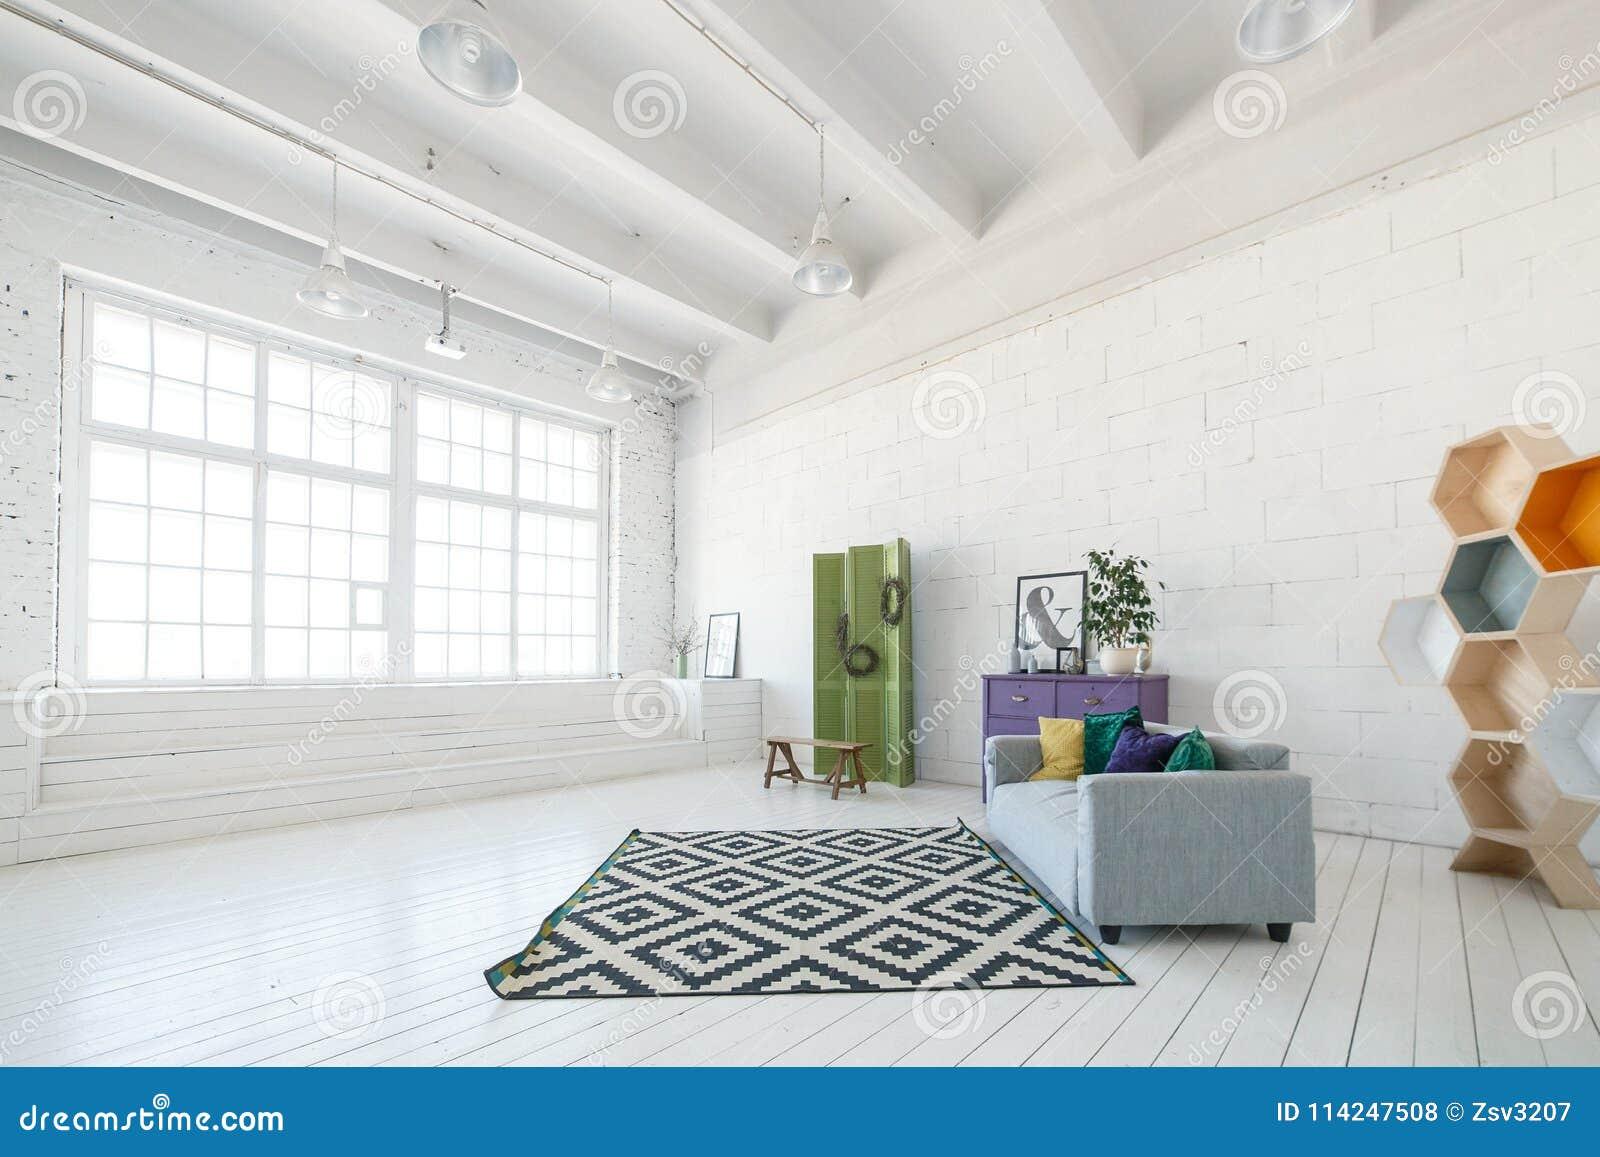 Witte Houten Vloer : Helder van de fotostudio of woonkamer binnenland met groot venster